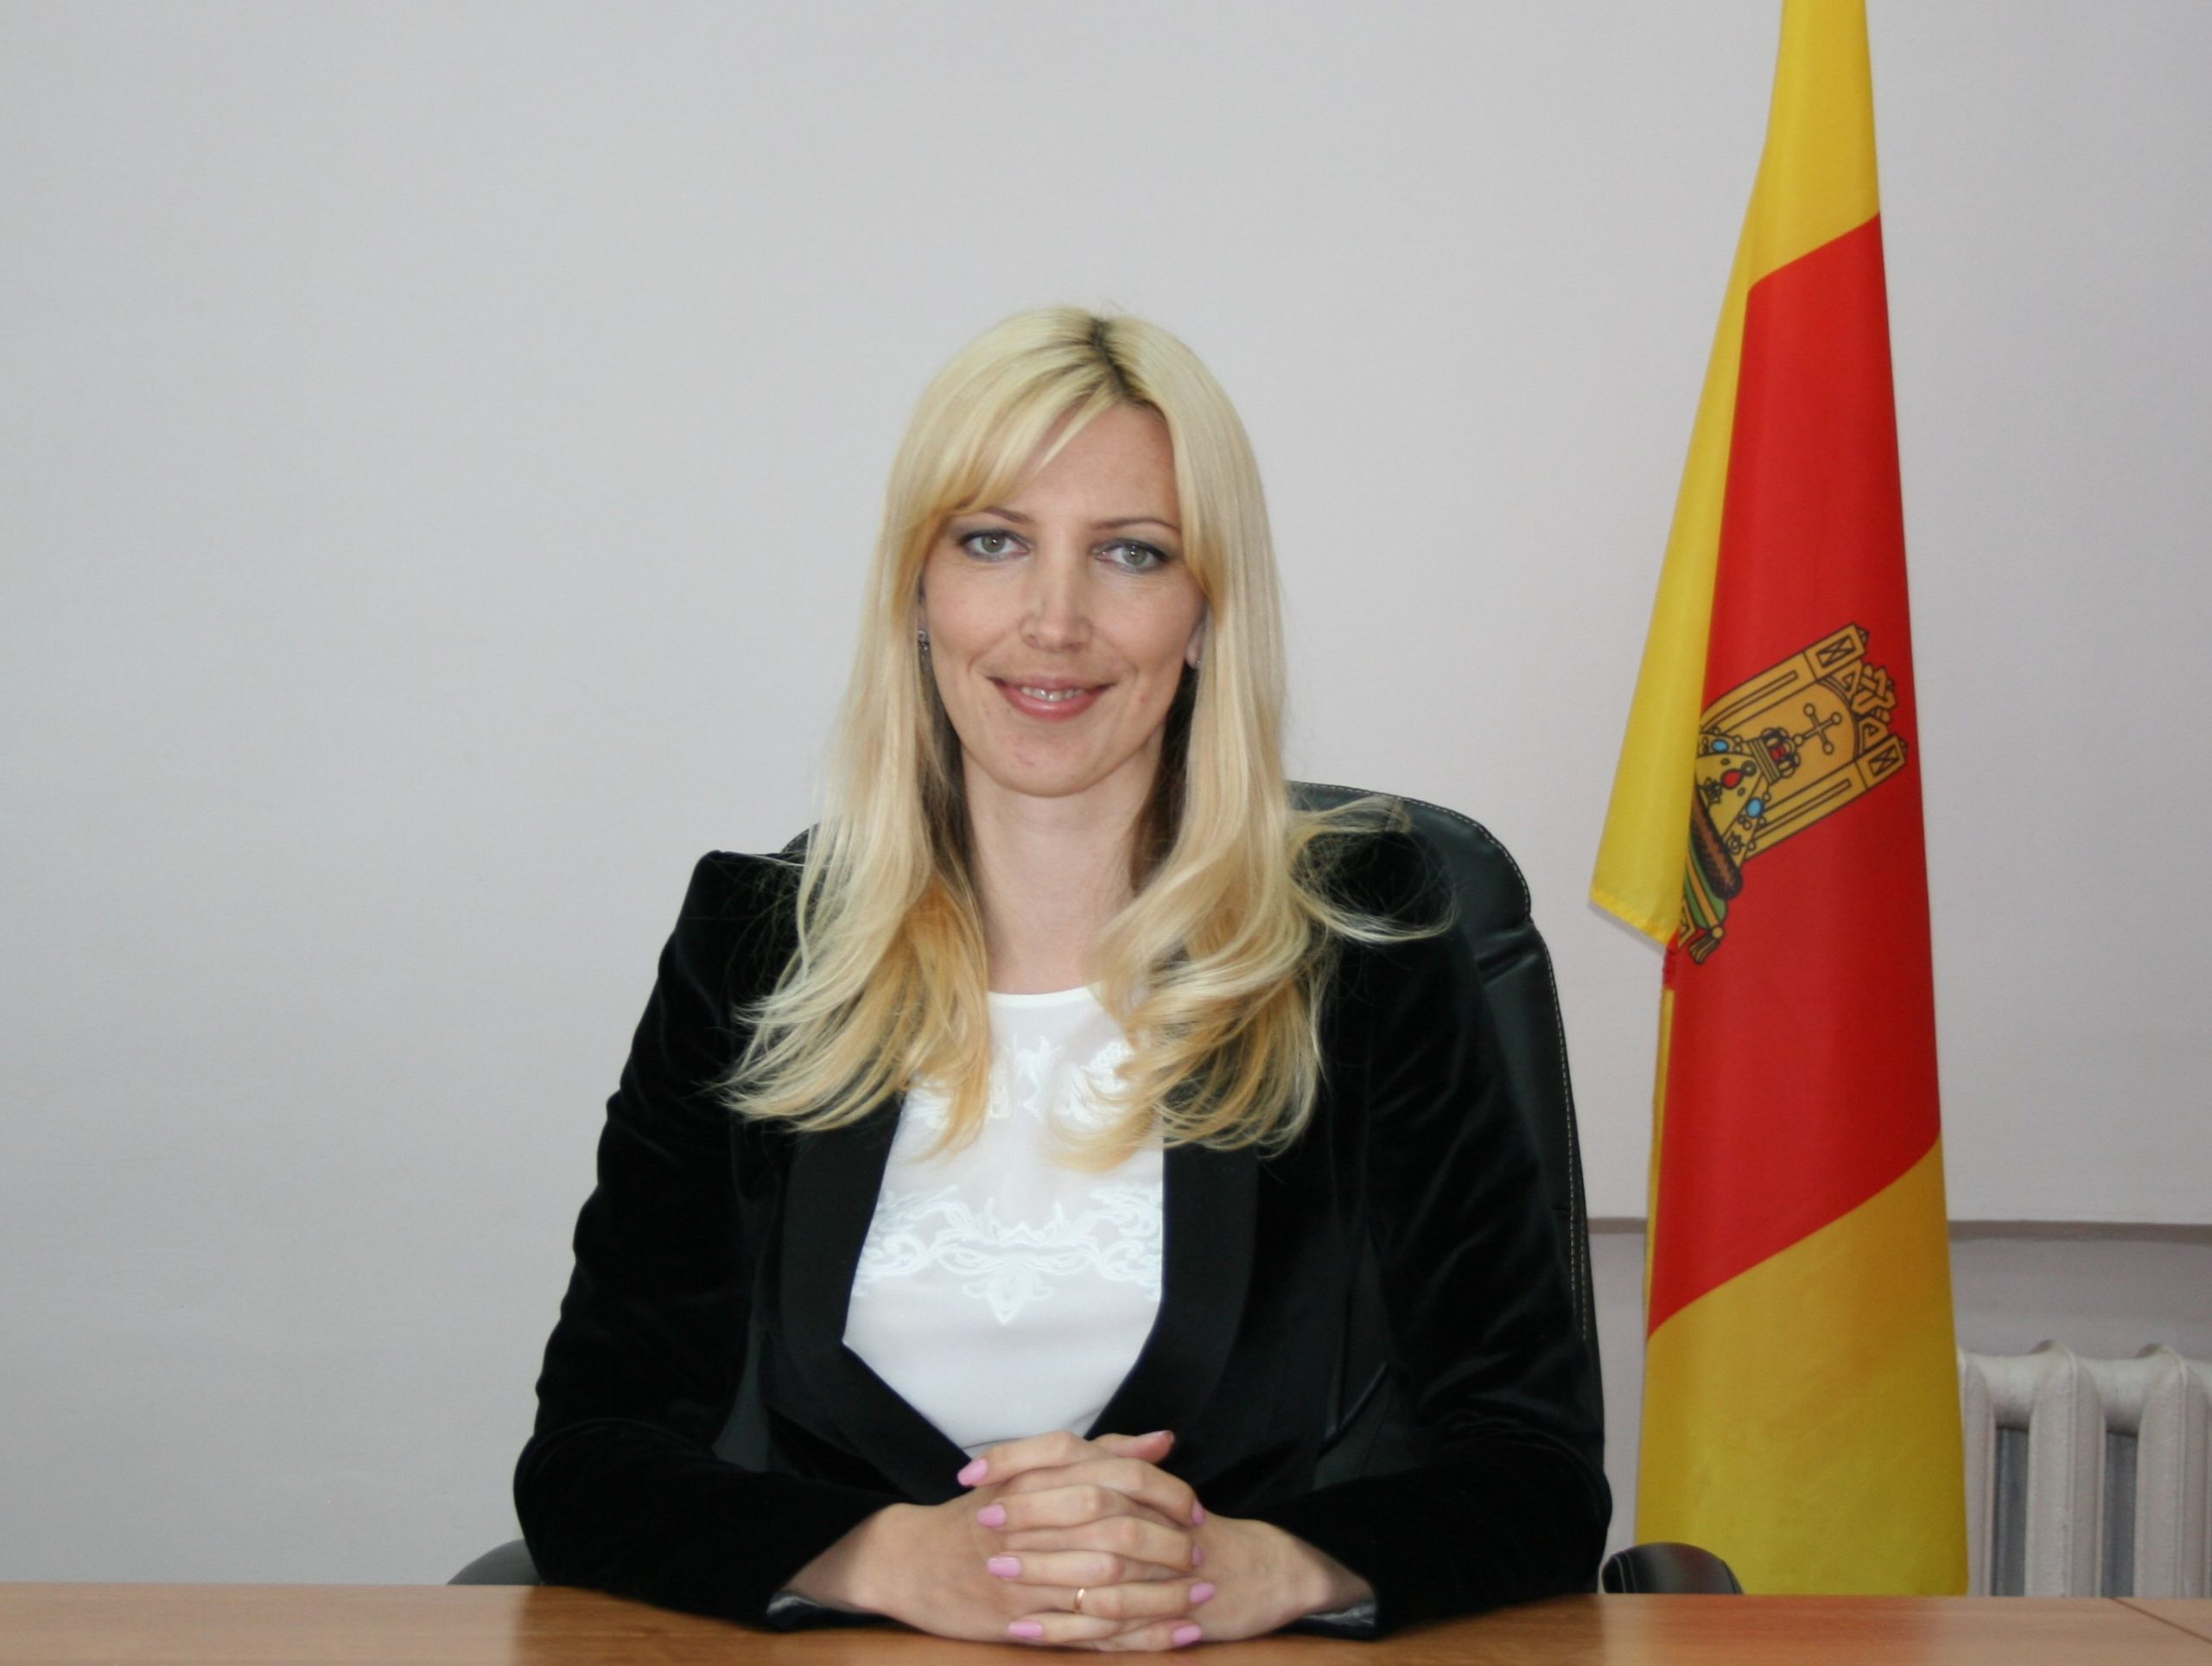 Татьяна Дубова: Наставничество важно и в сфере законотворческой деятельности